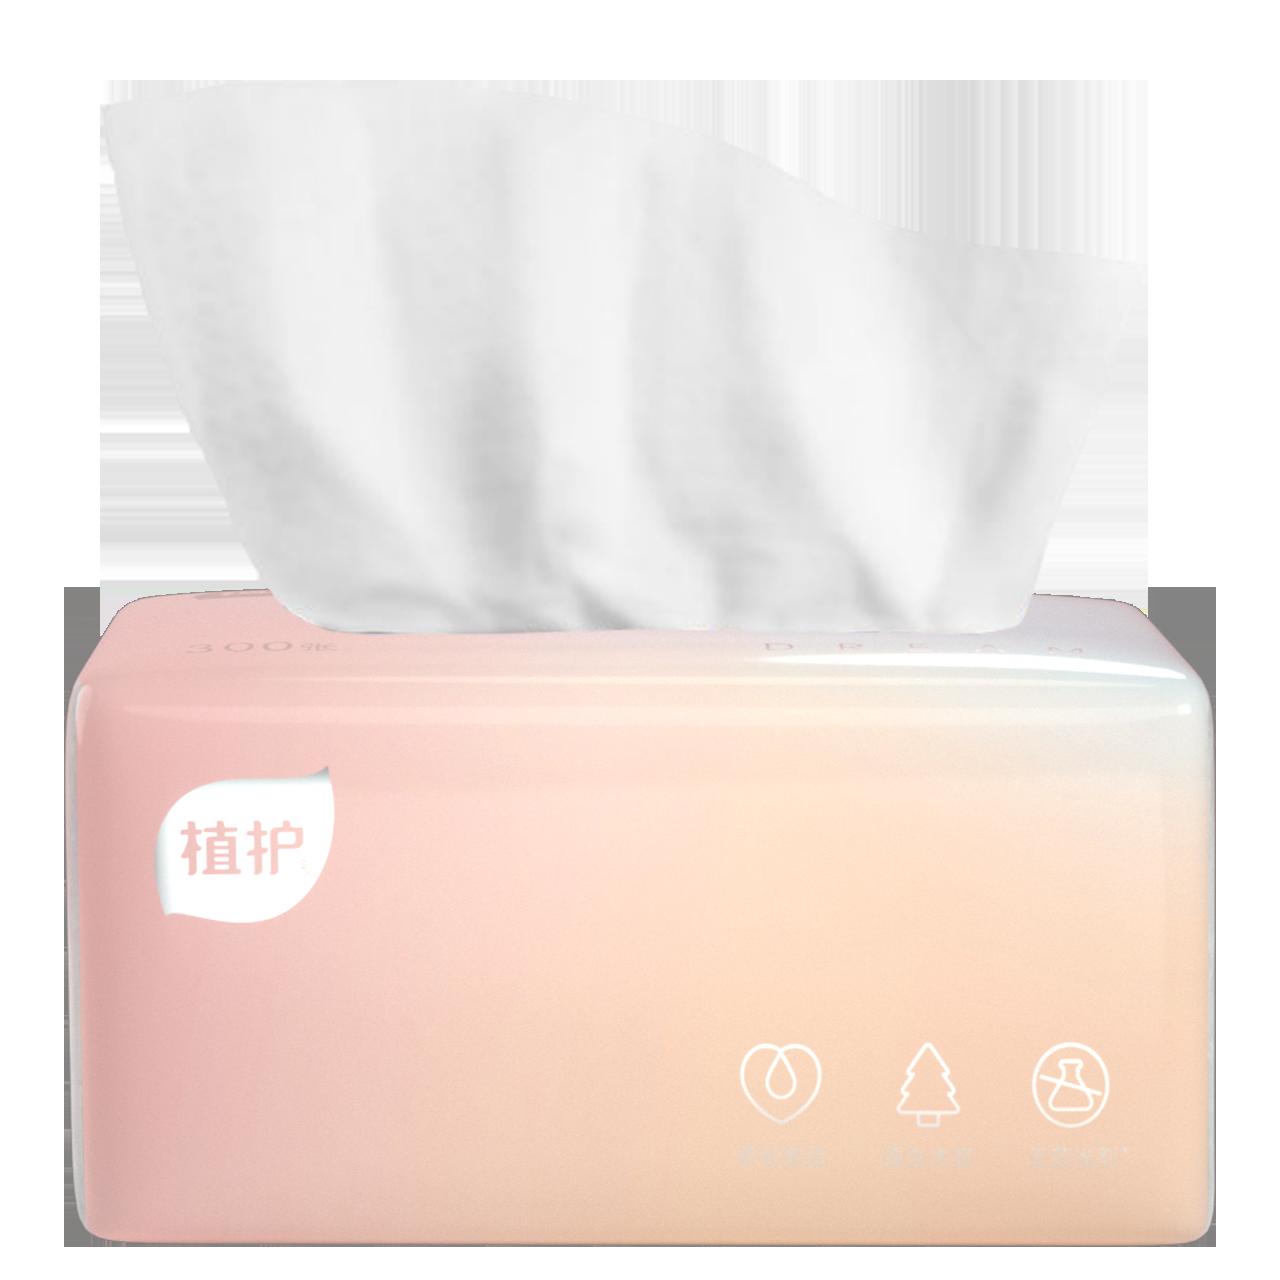 植护40包/24包原木纸巾抽纸巾批发家用整箱妇婴卫生纸面巾餐巾纸